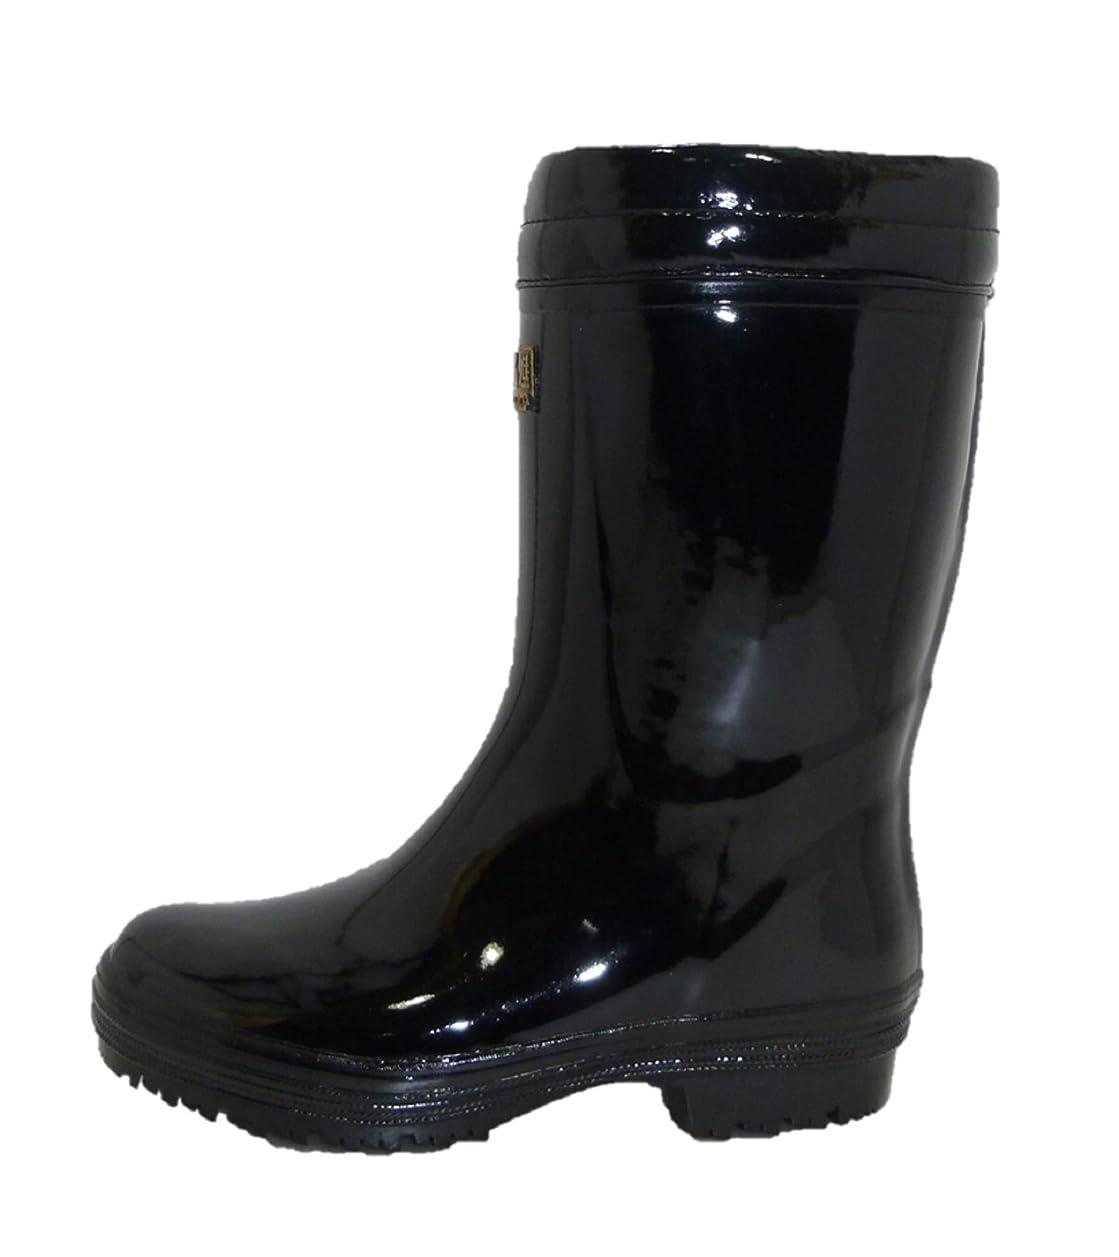 九時四十五分解放毎日メンズ軽量防寒ボア付長靴 ニューライト防寒軽半長 黒 MWNS